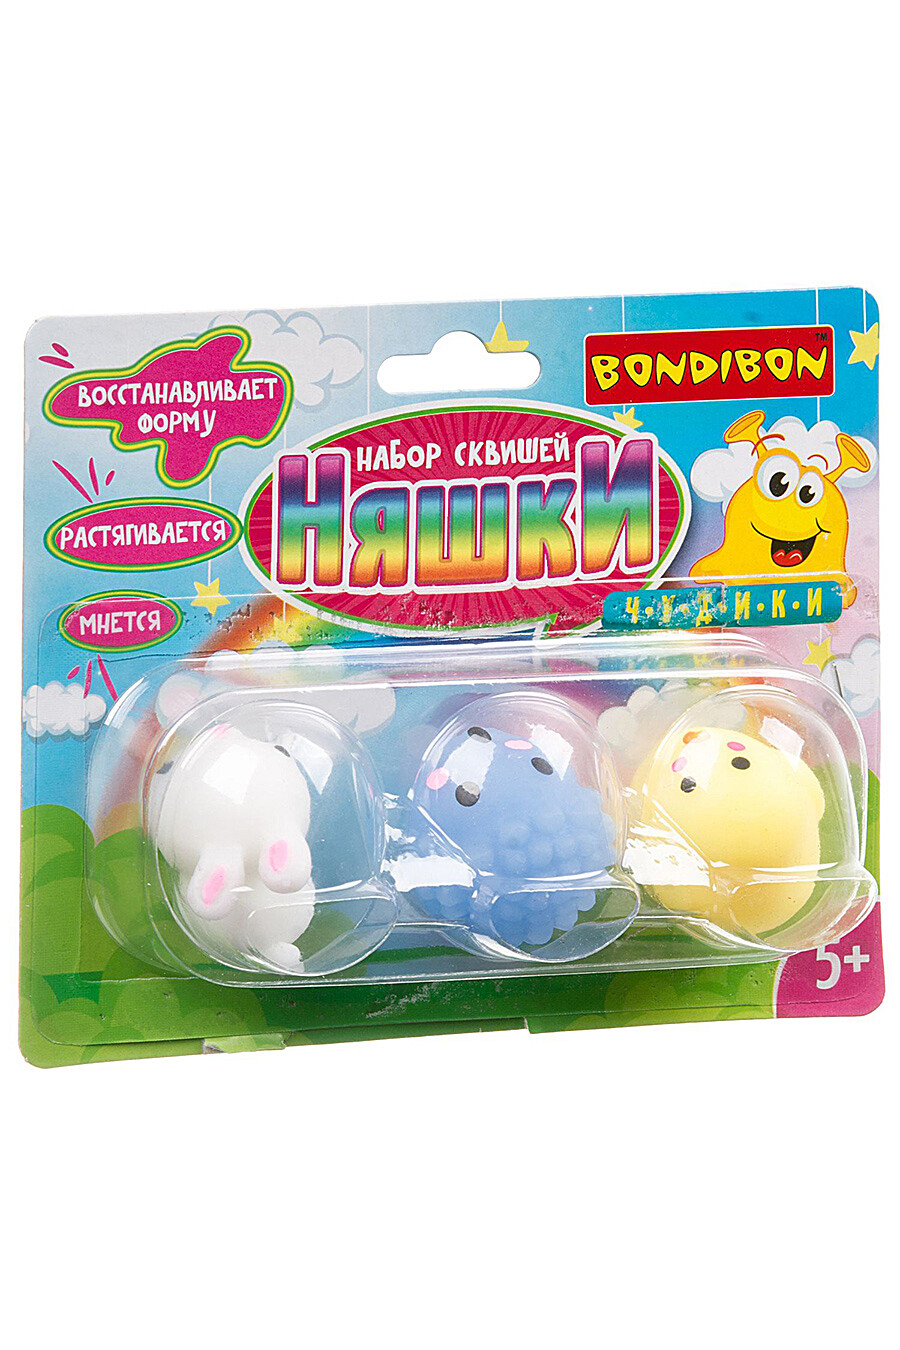 Набор сквишей для детей BONDIBON 156777 купить оптом от производителя. Совместная покупка игрушек в OptMoyo